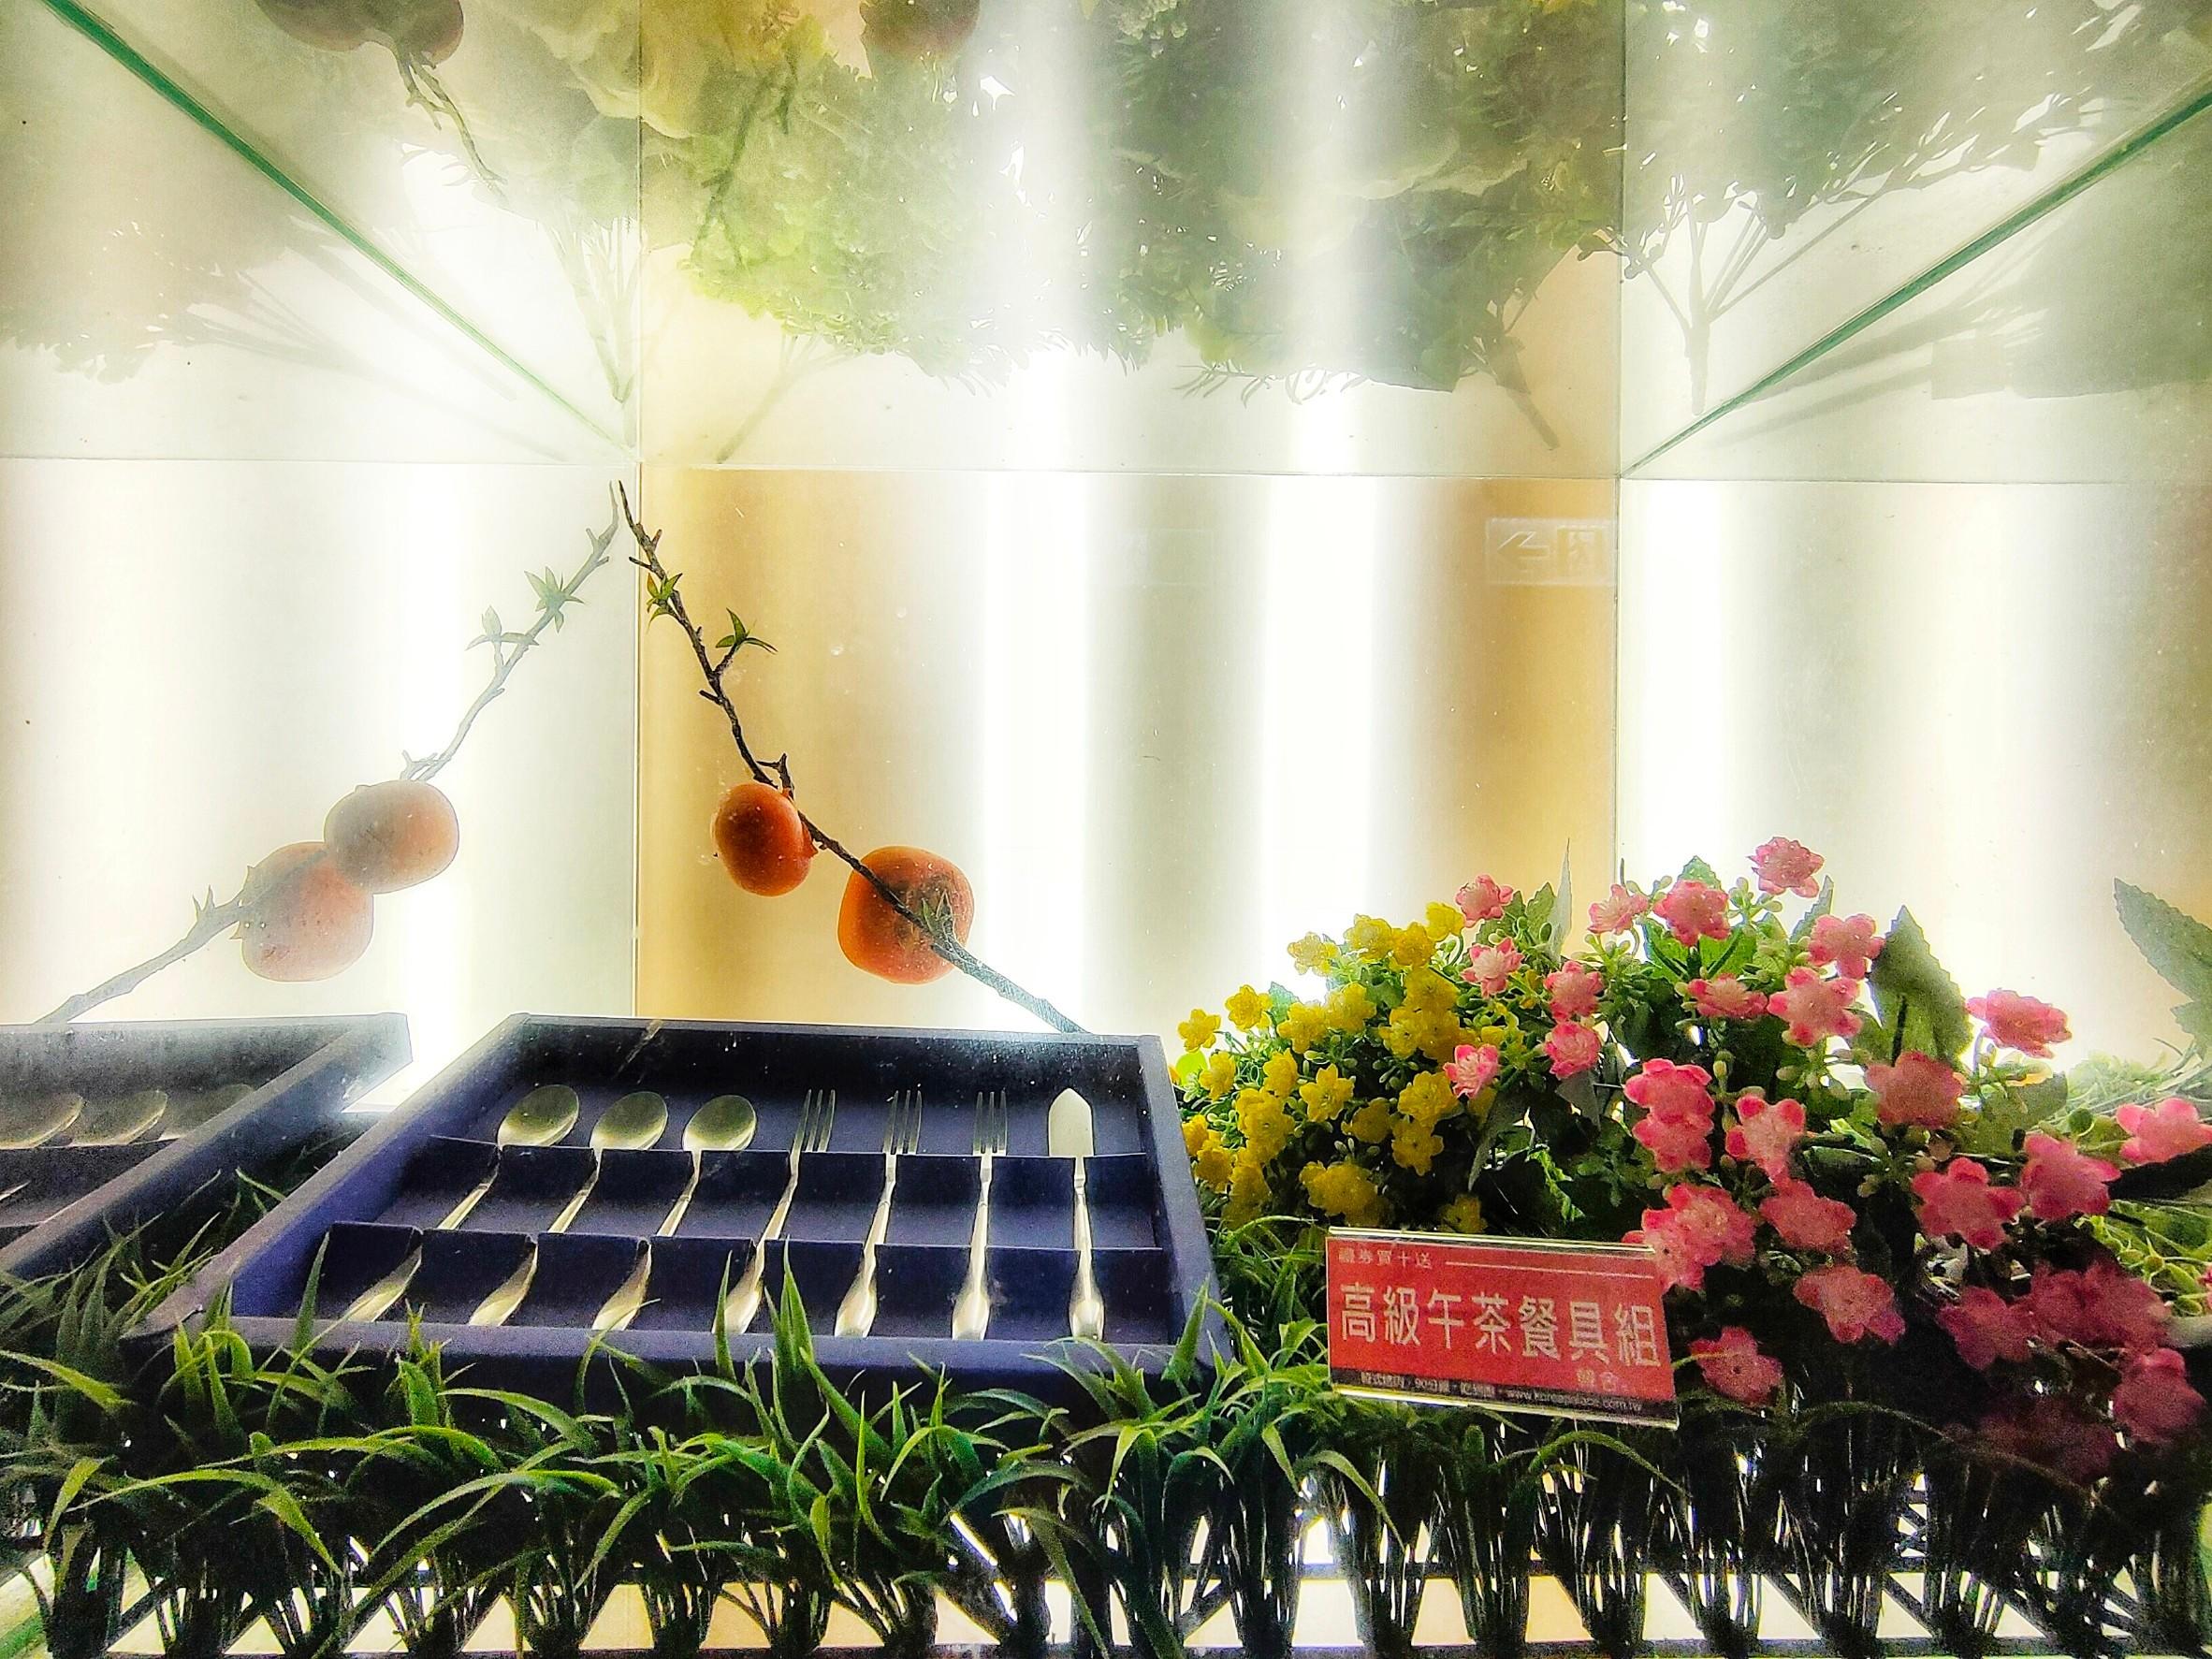 399吃到飽,中壢吃到飽,中壢火車站,中壢燒烤,中壢美食,大醬湯,安格斯牛肉,燒烤吃到飽,牛小排,聚餐,錢櫃KTV,韓式烤肉 @民宿女王芽月-美食.旅遊.全台趴趴走